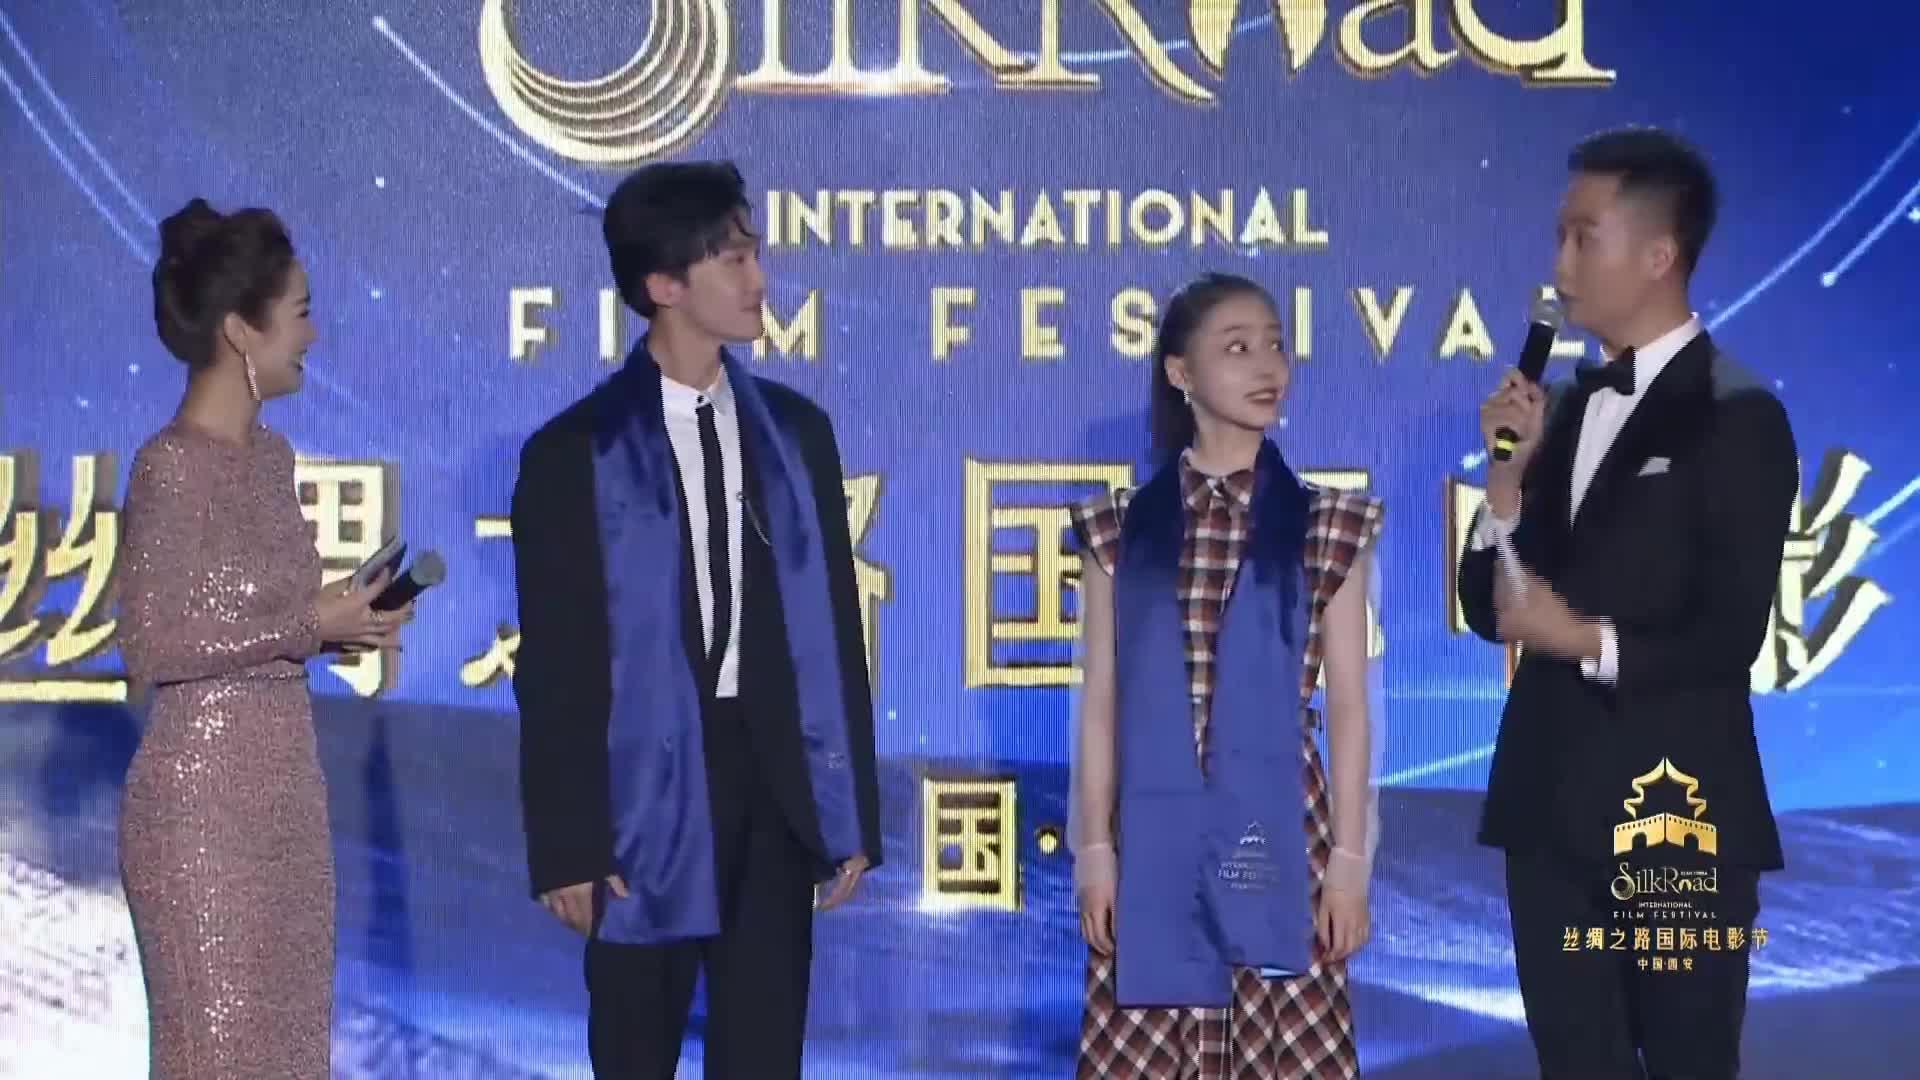 丝路国际电影节交接仪式:青年演员代表胡连馨、李哲豪登台亮相